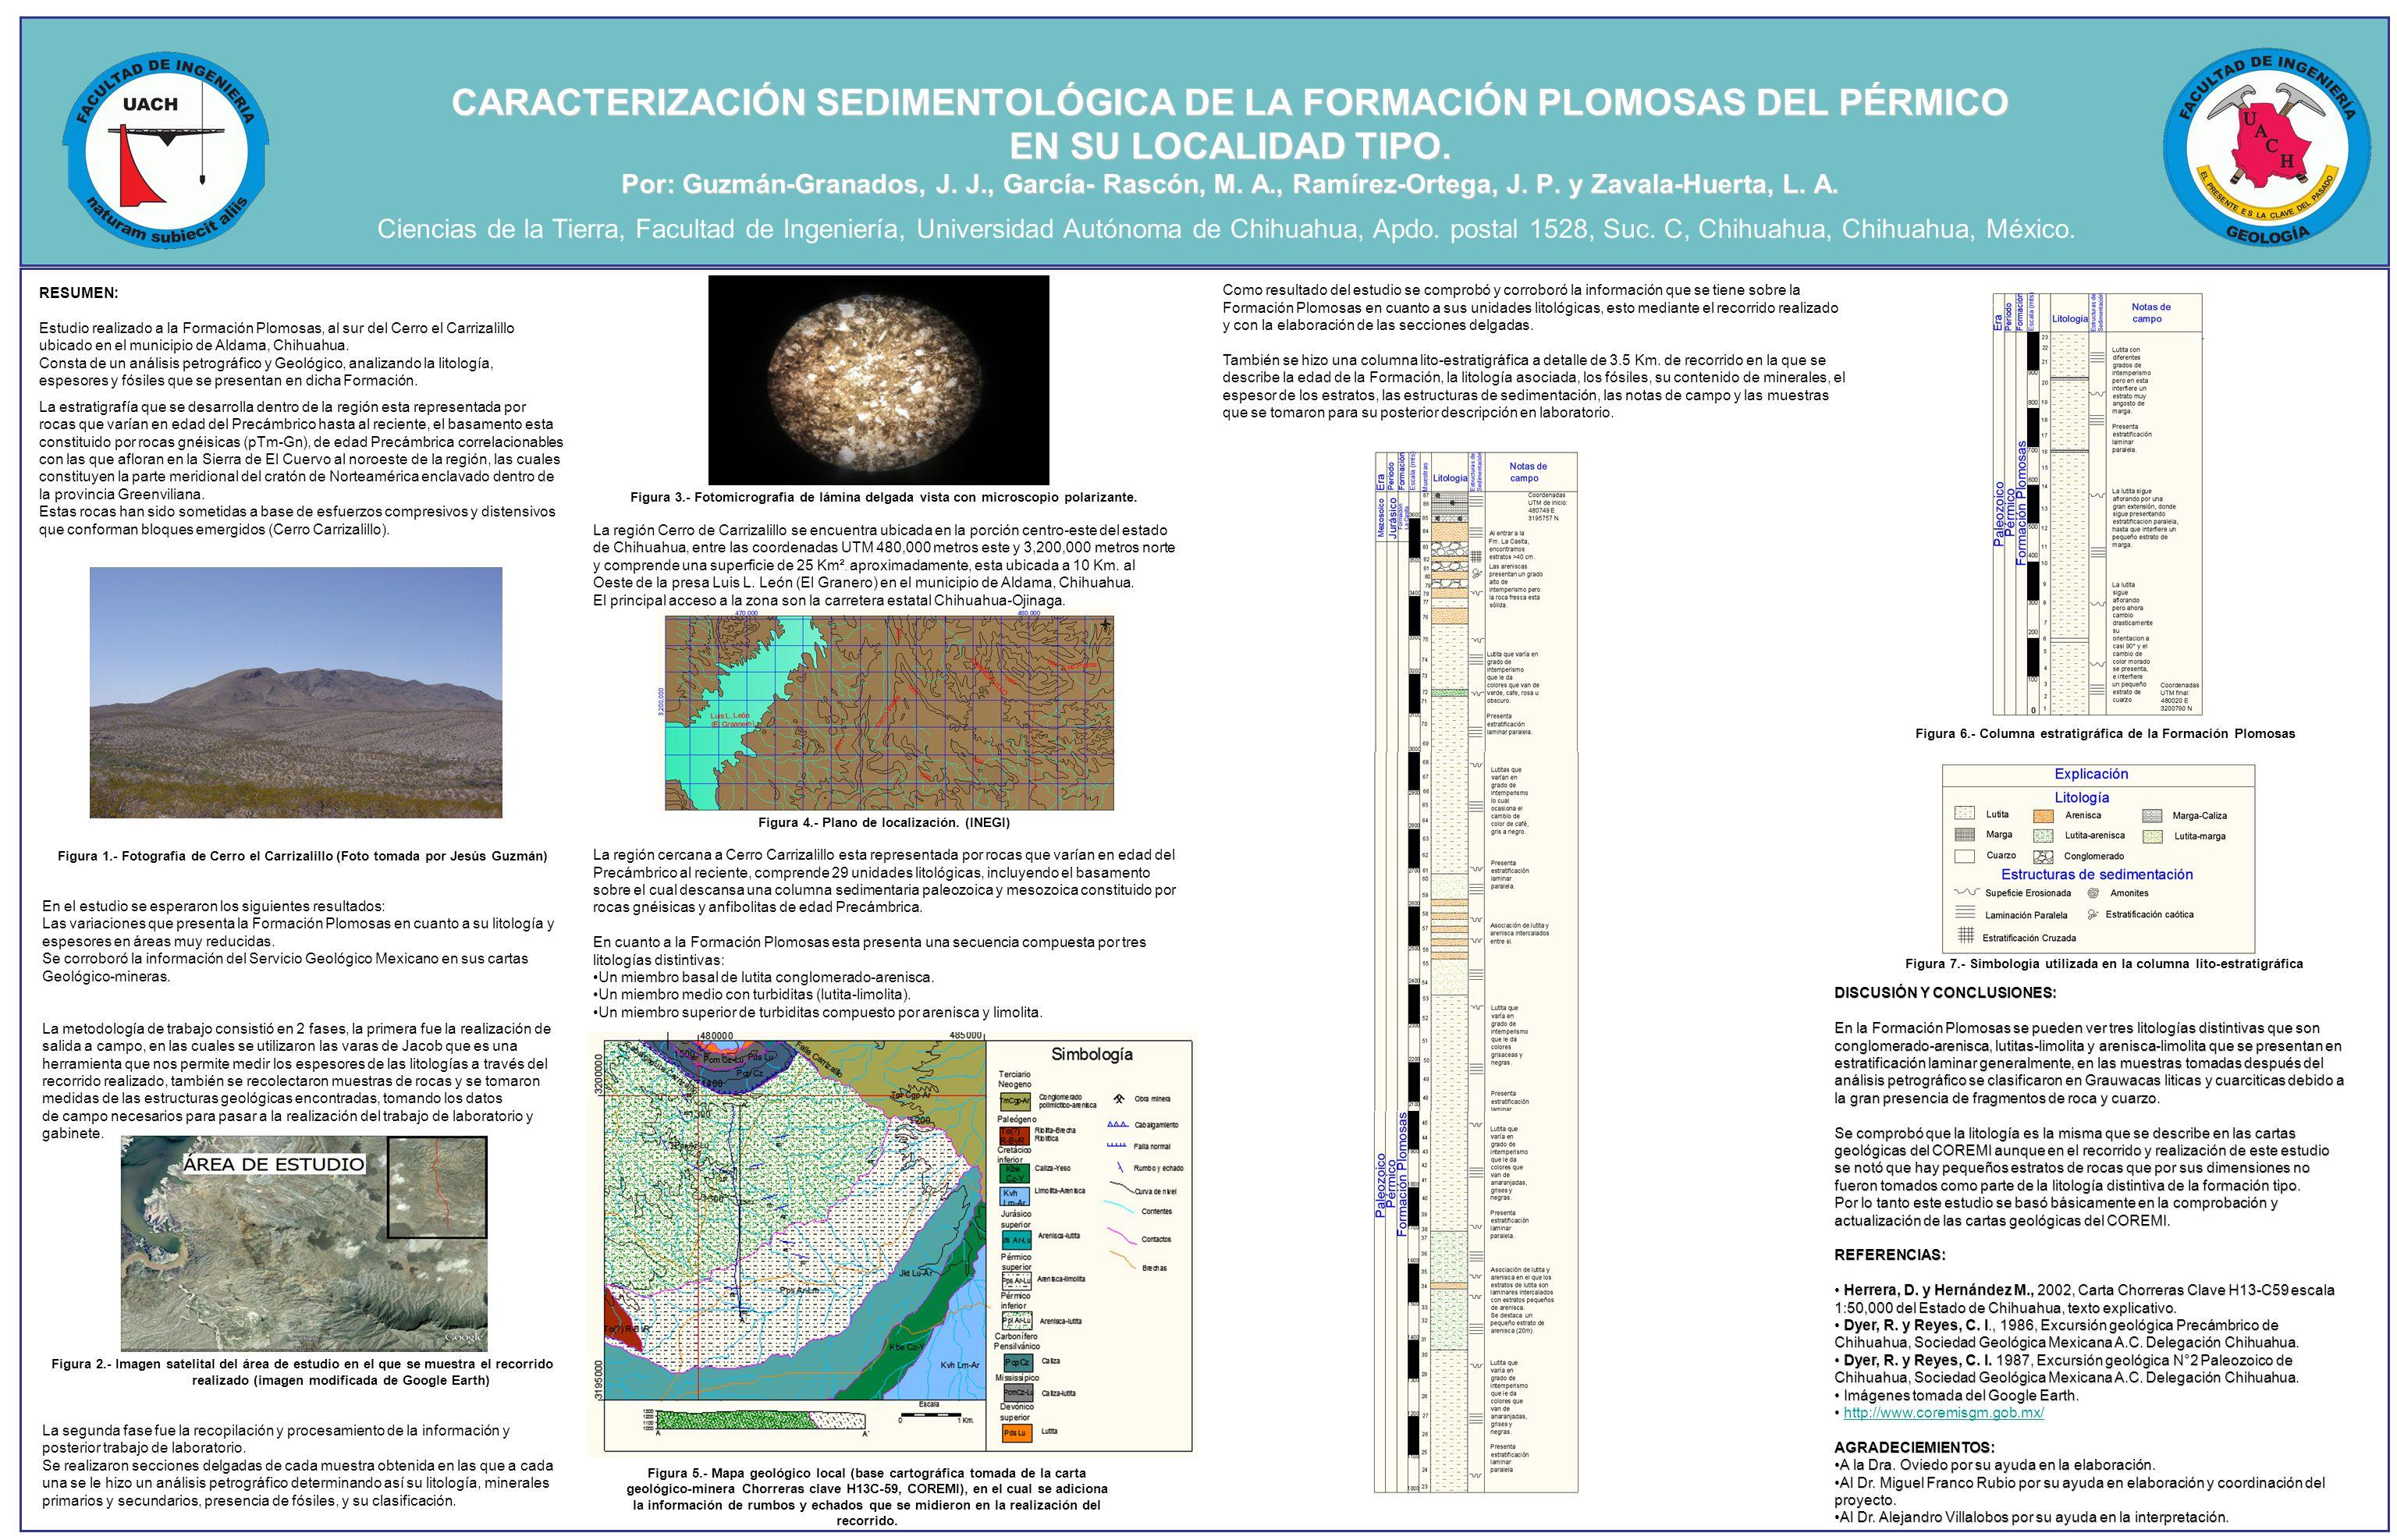 CARACTERIZACIÓN SEDIMENTOLÓGICA DE LA FORMACIÓN PLOMOSAS DEL PÉRMICO EN SU LOCALIDAD TIPO.